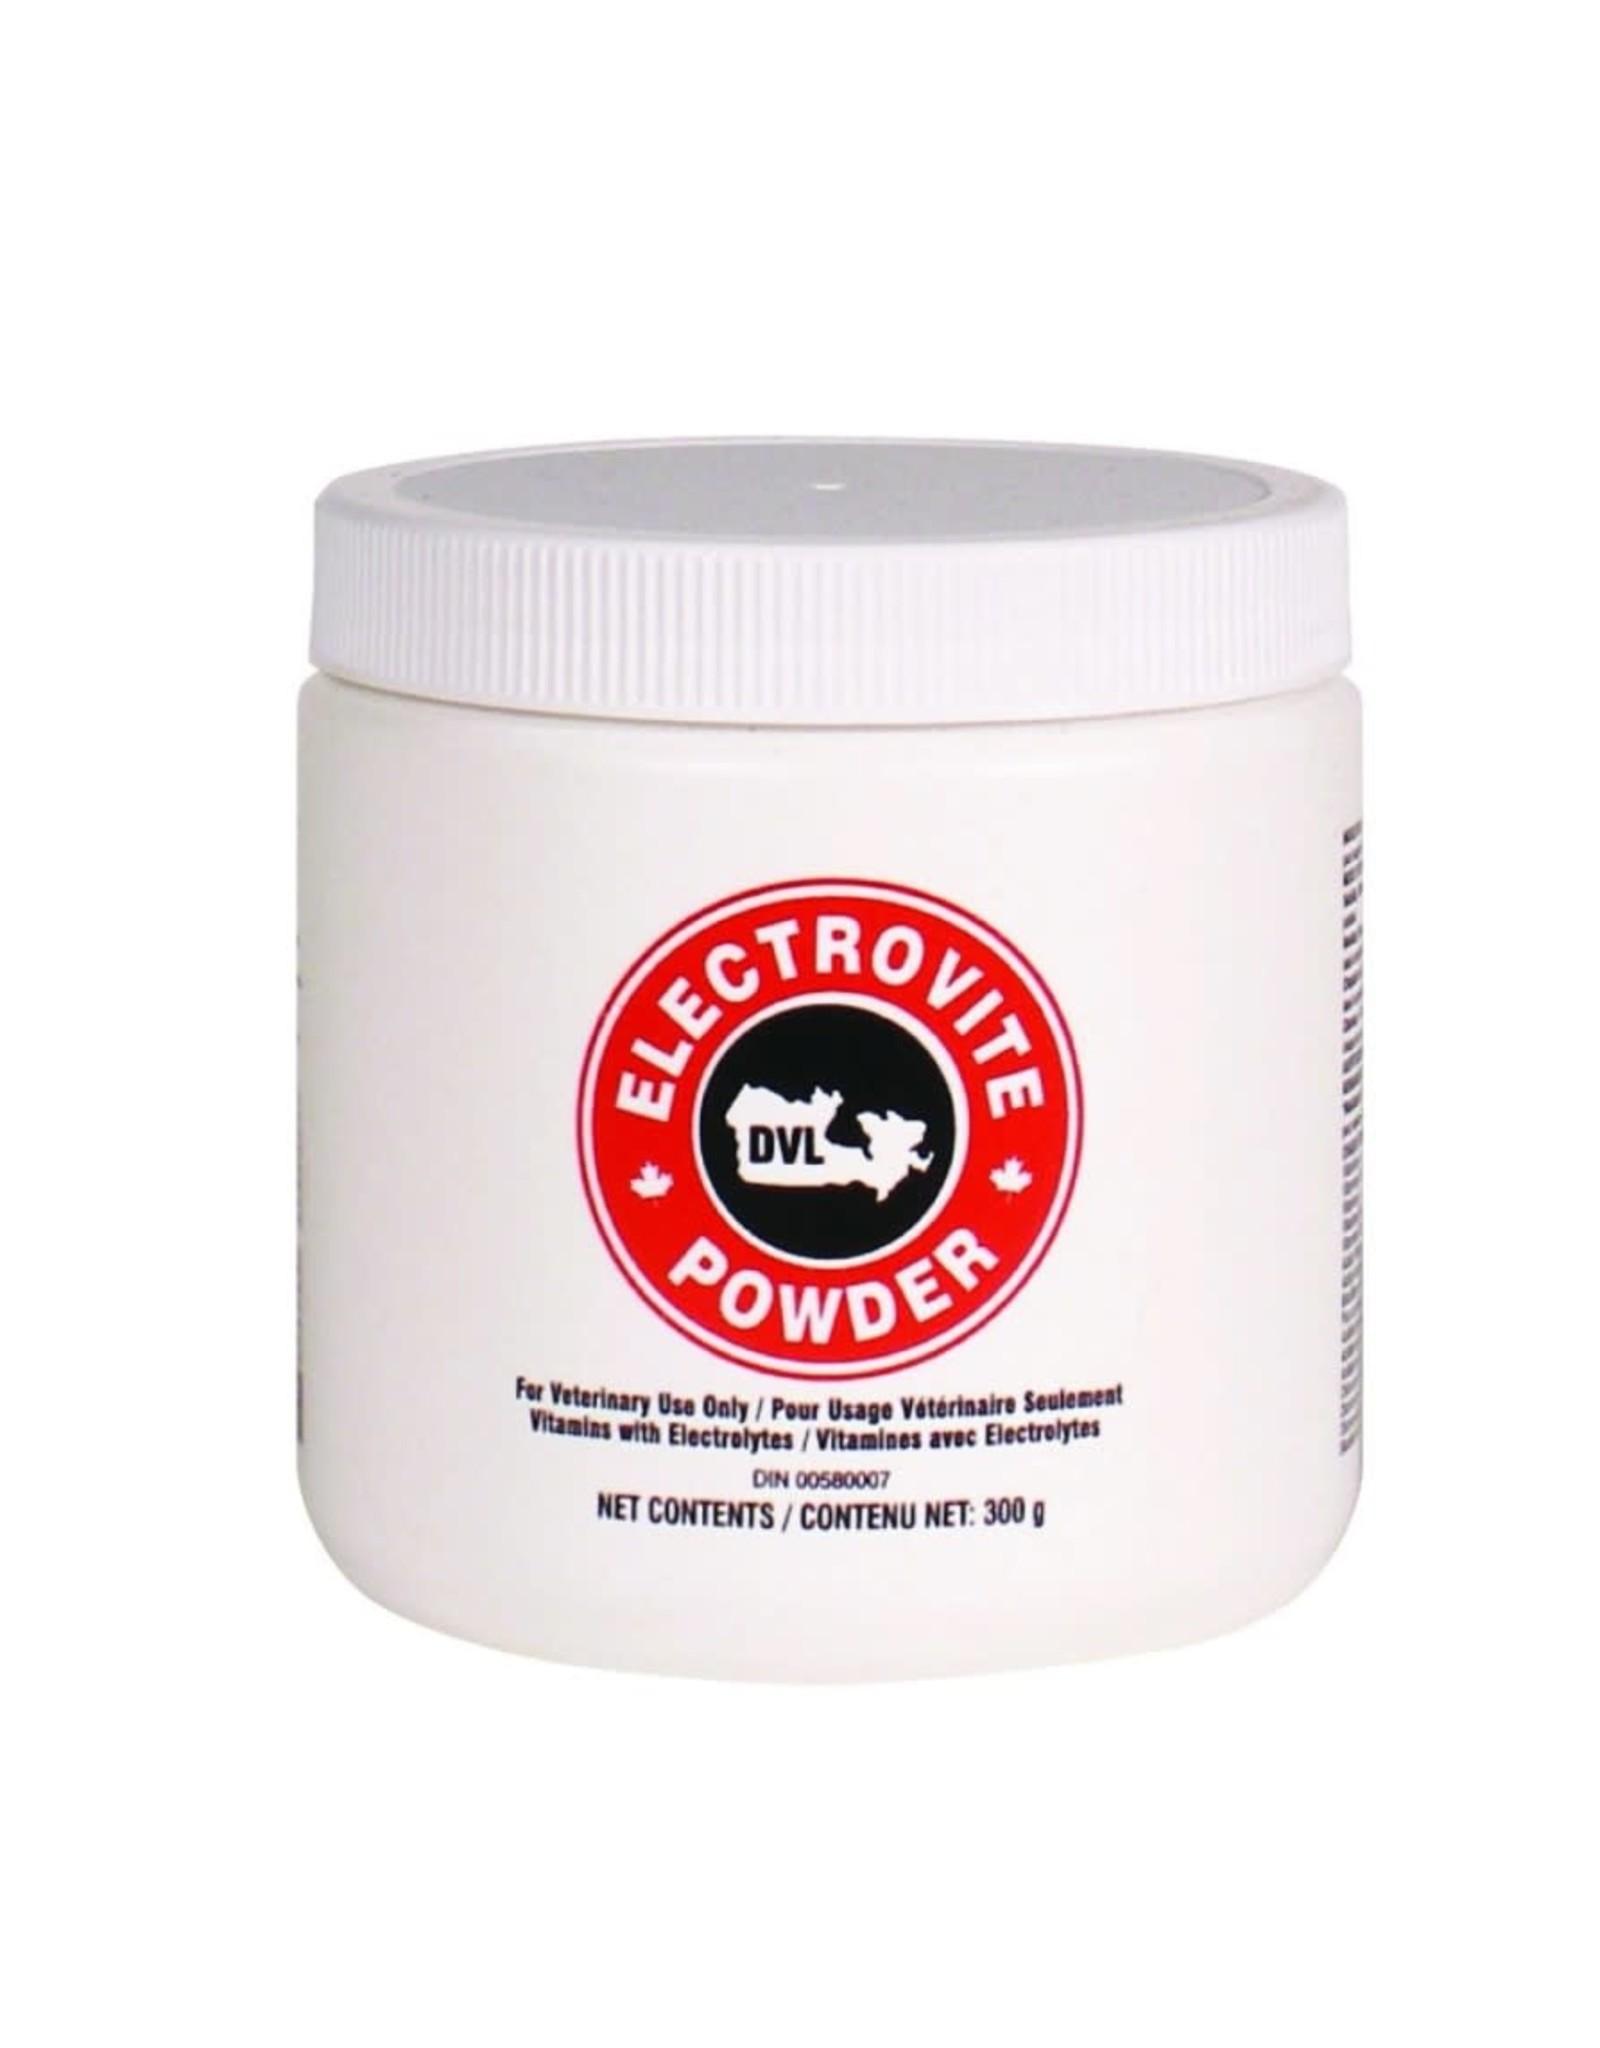 DVL DVL Electrovite Powder 300G